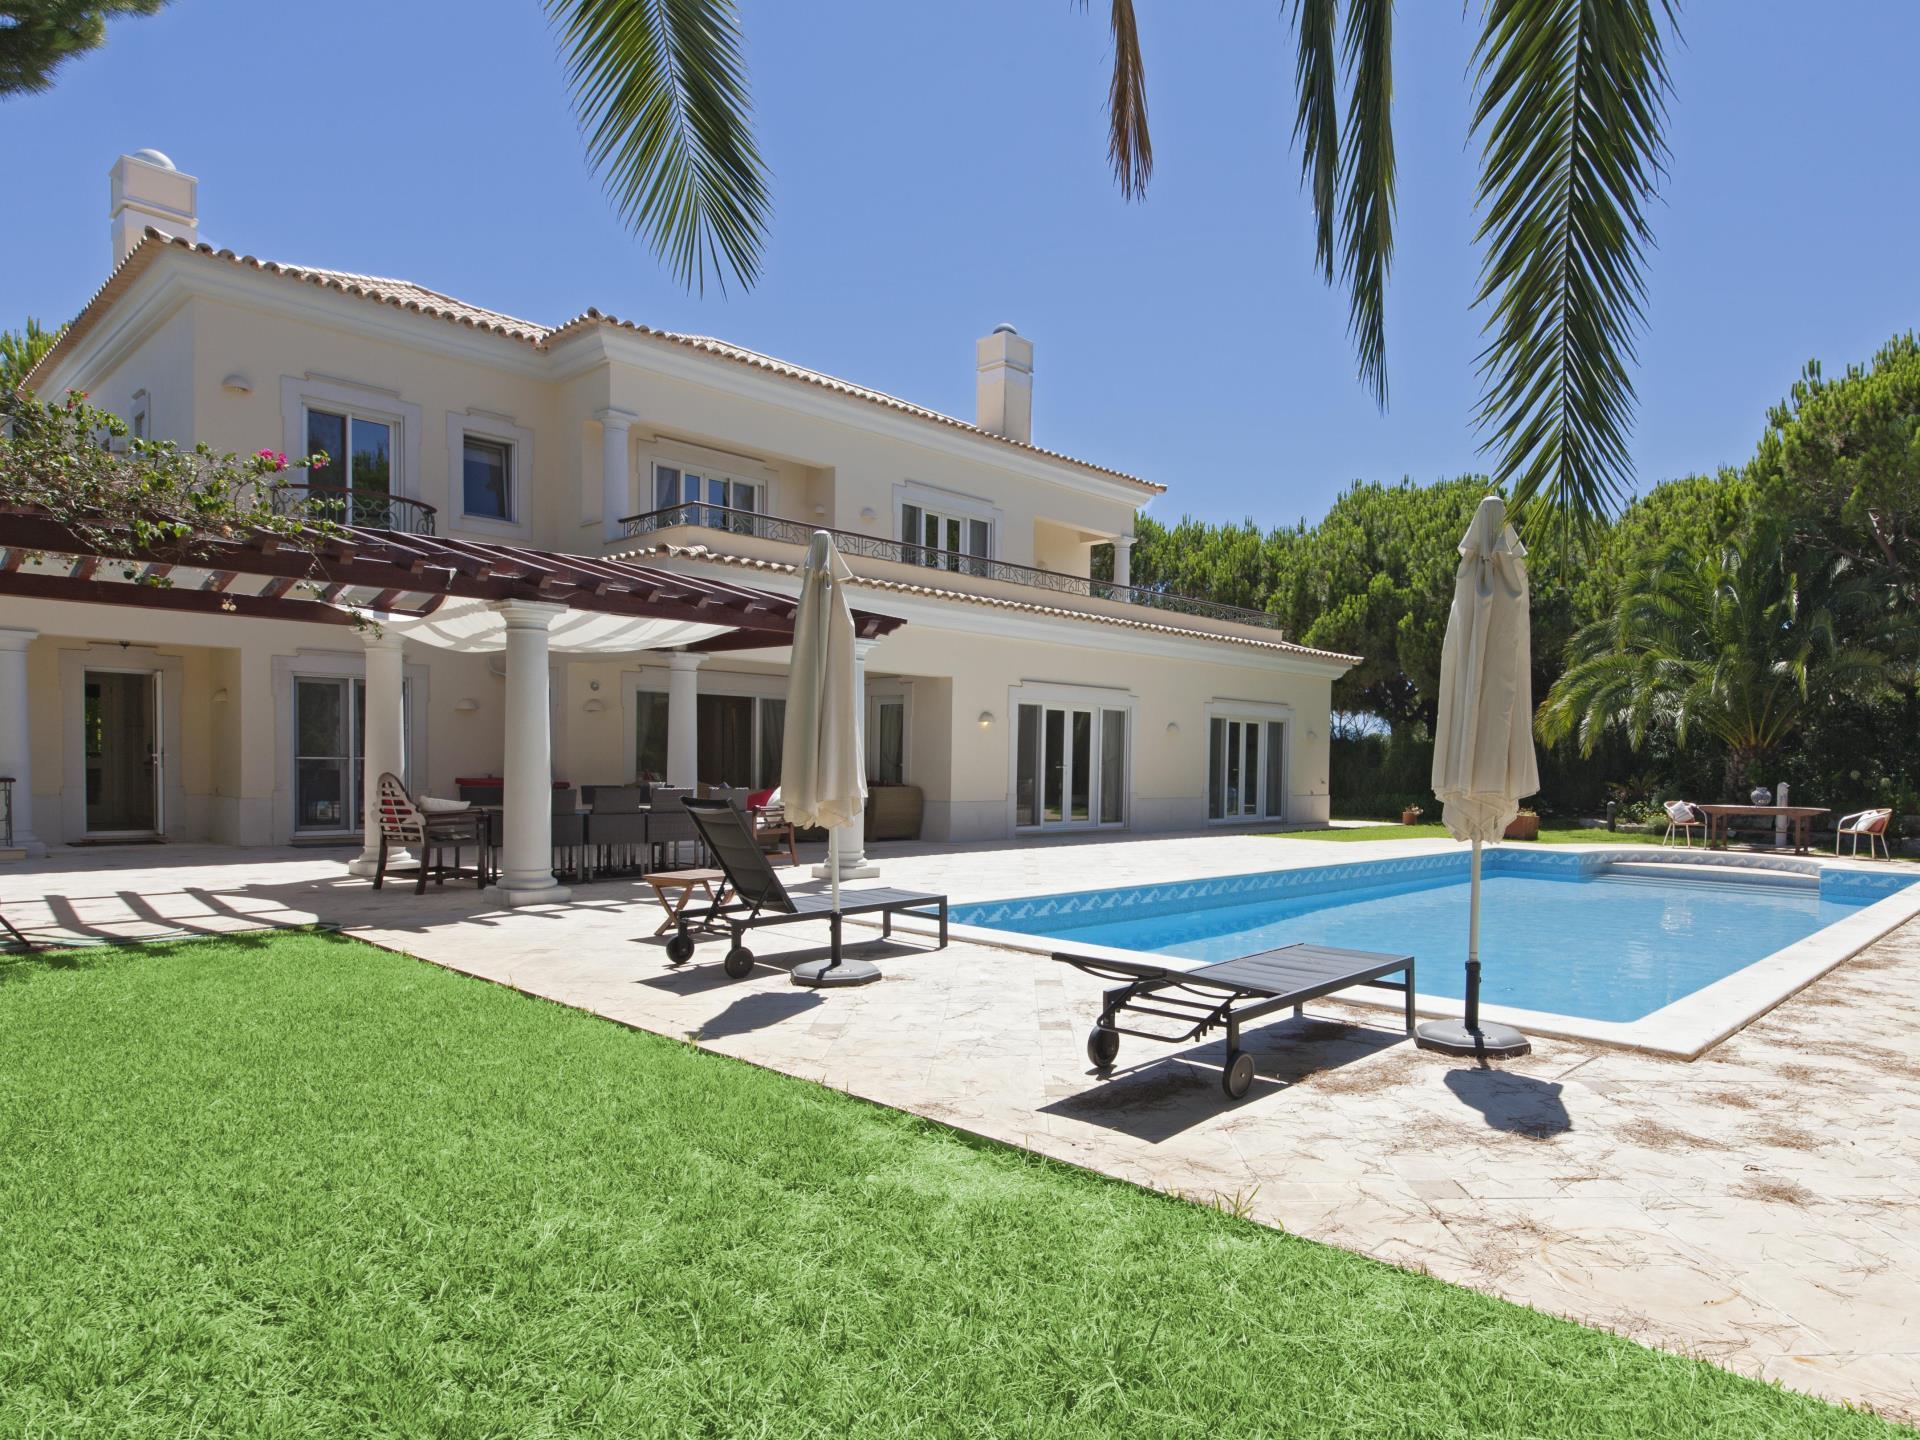 Villa per Vendita alle ore Detached house, 5 bedrooms, for Sale Loule, Algarve Portogallo